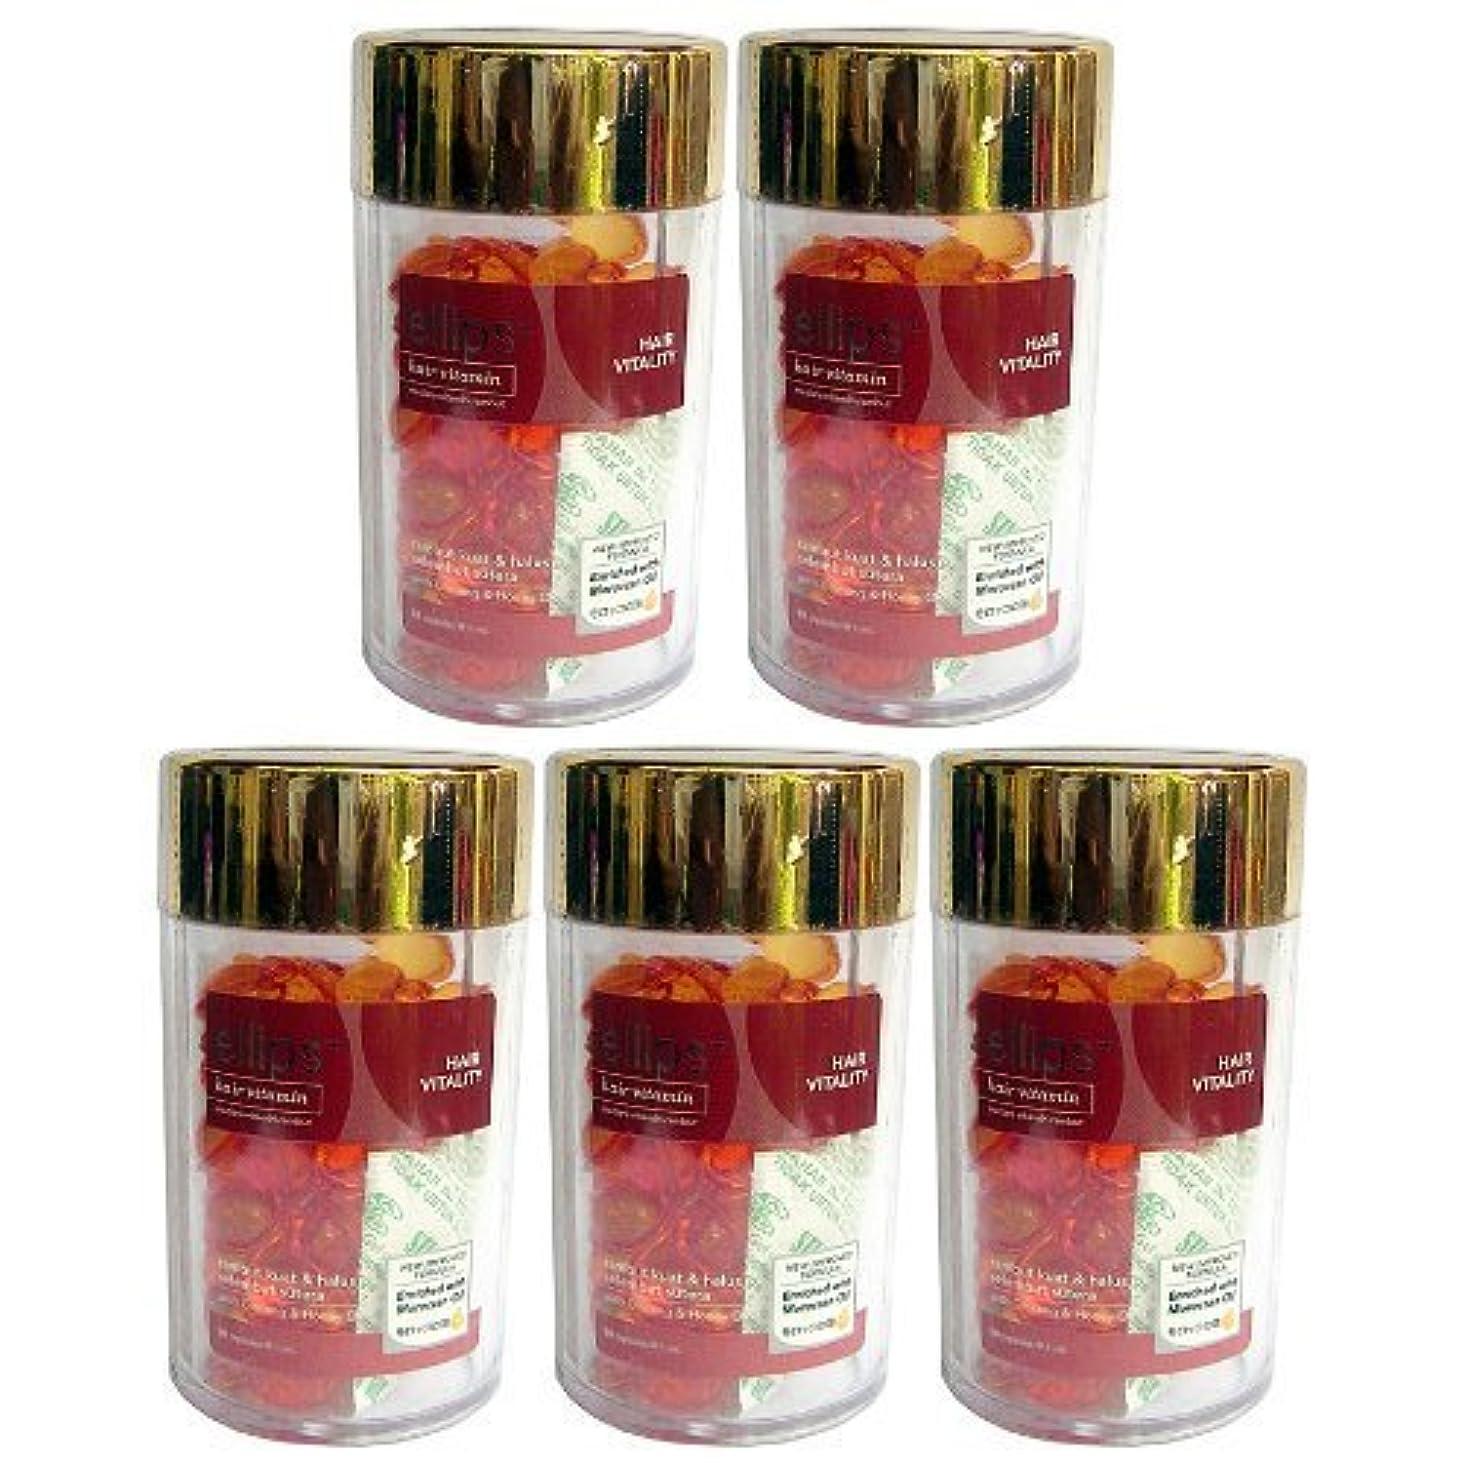 途方もない不測の事態手段Ellips(エリプス)ヘアビタミン(50粒入)5個セット [並行輸入品][海外直送品] ブラウン